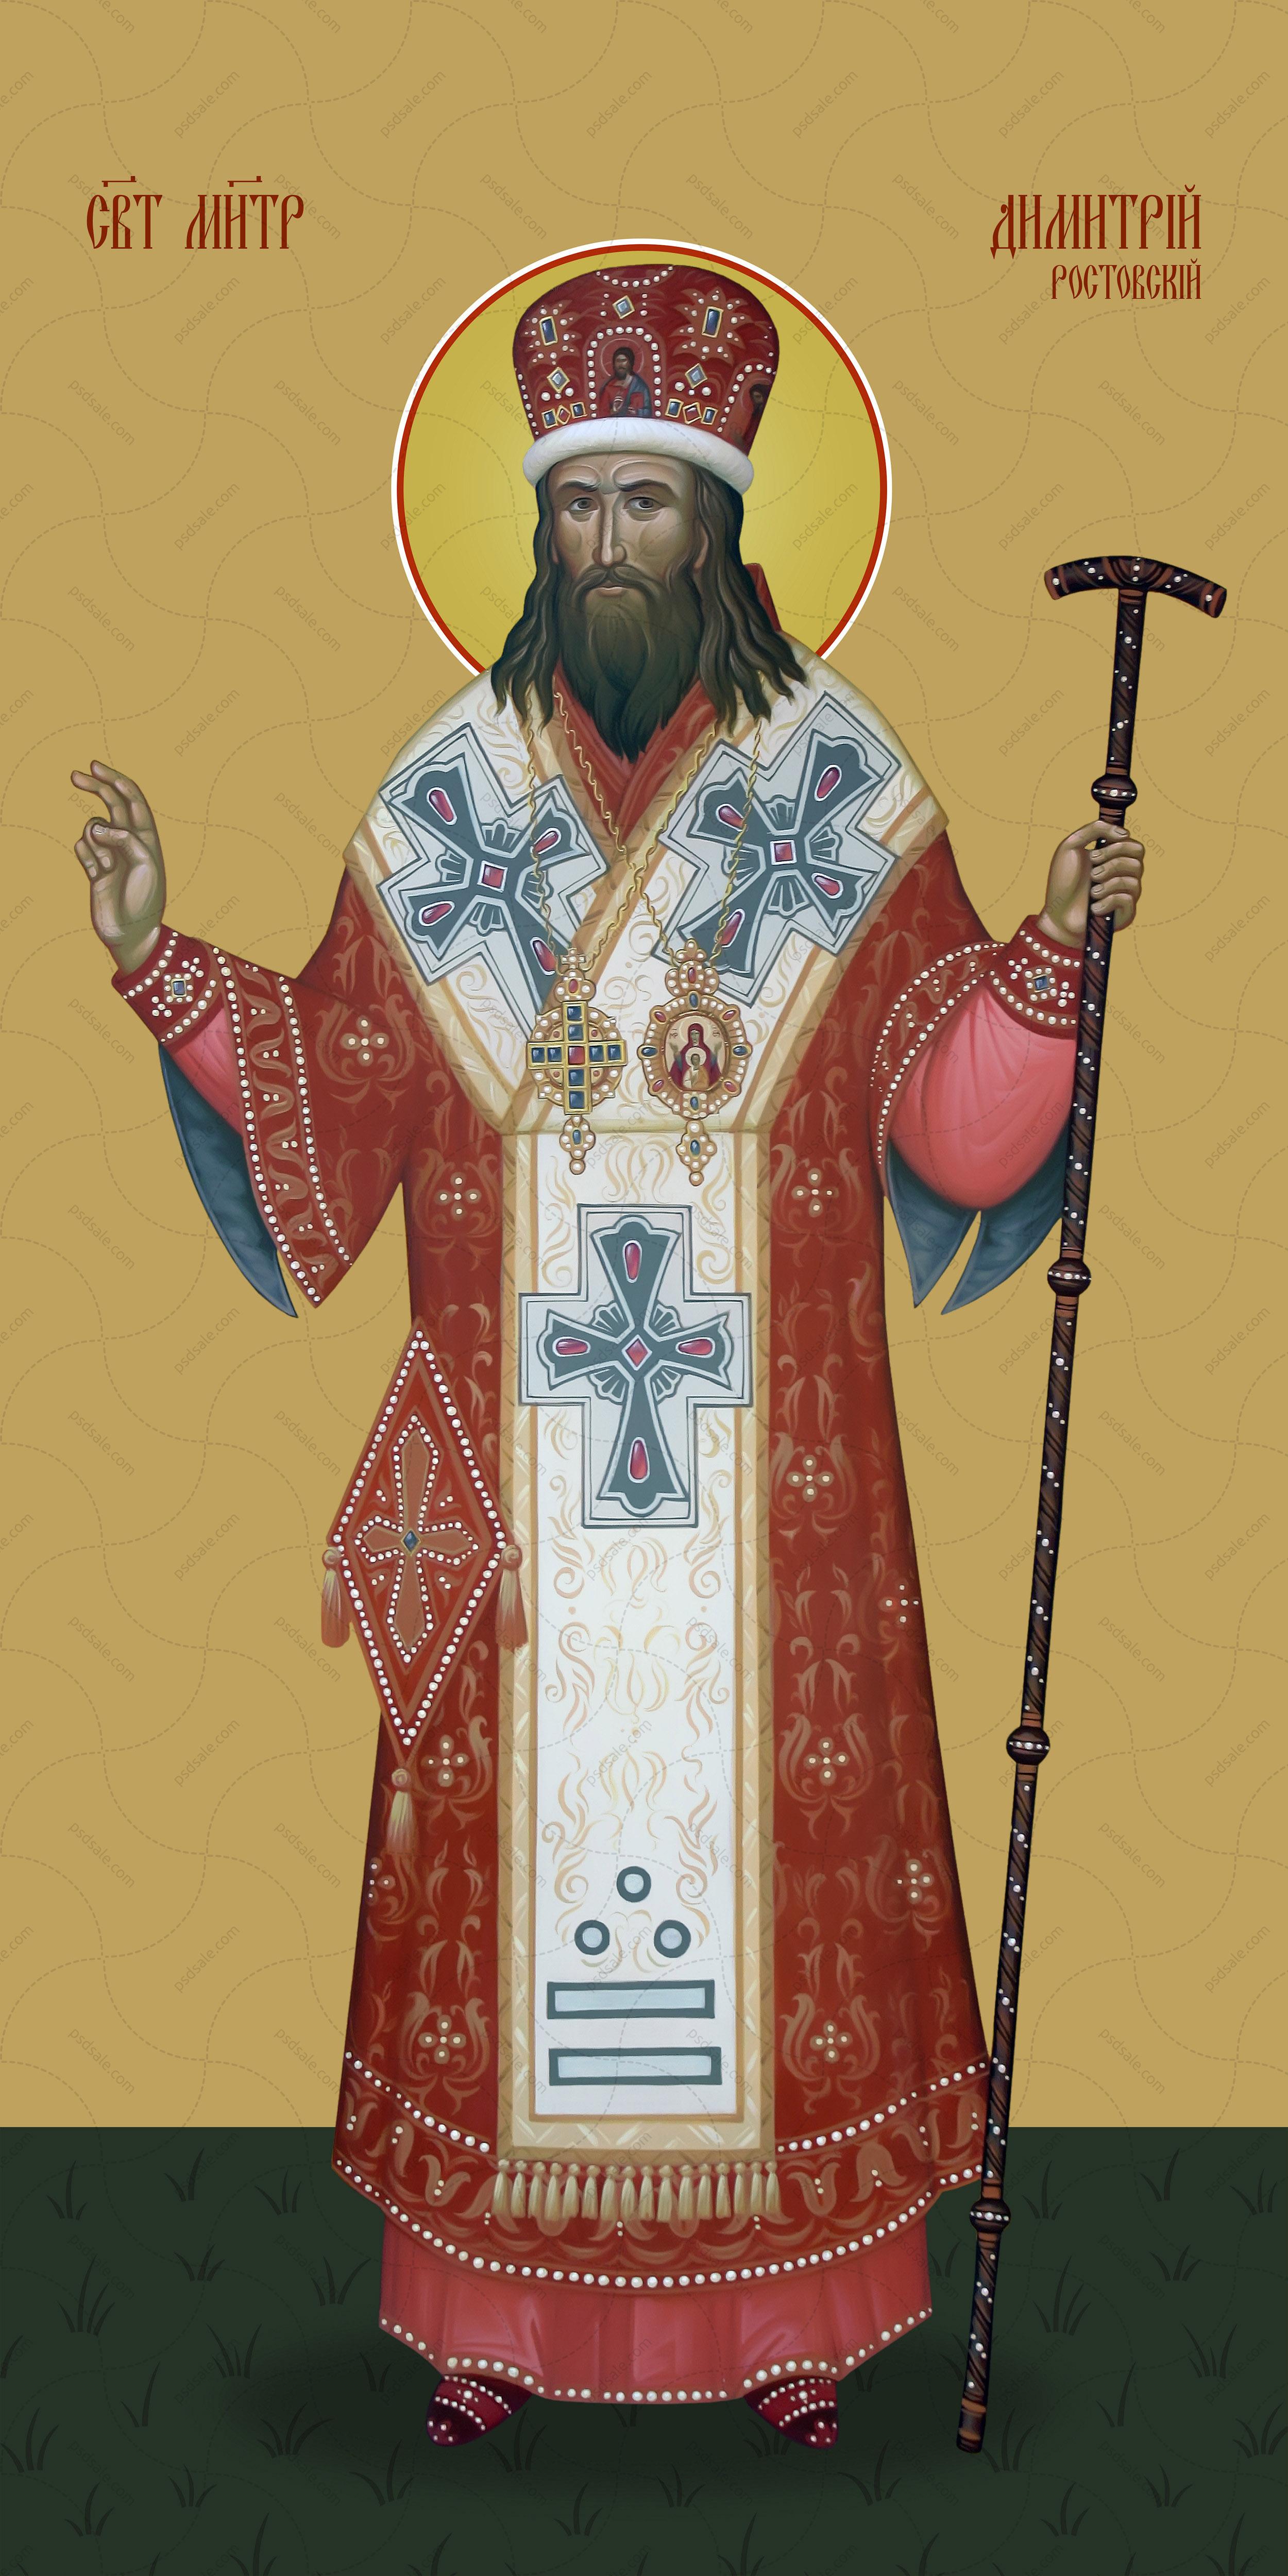 Мерная икона, Дмитрий Ростовский, митрополит